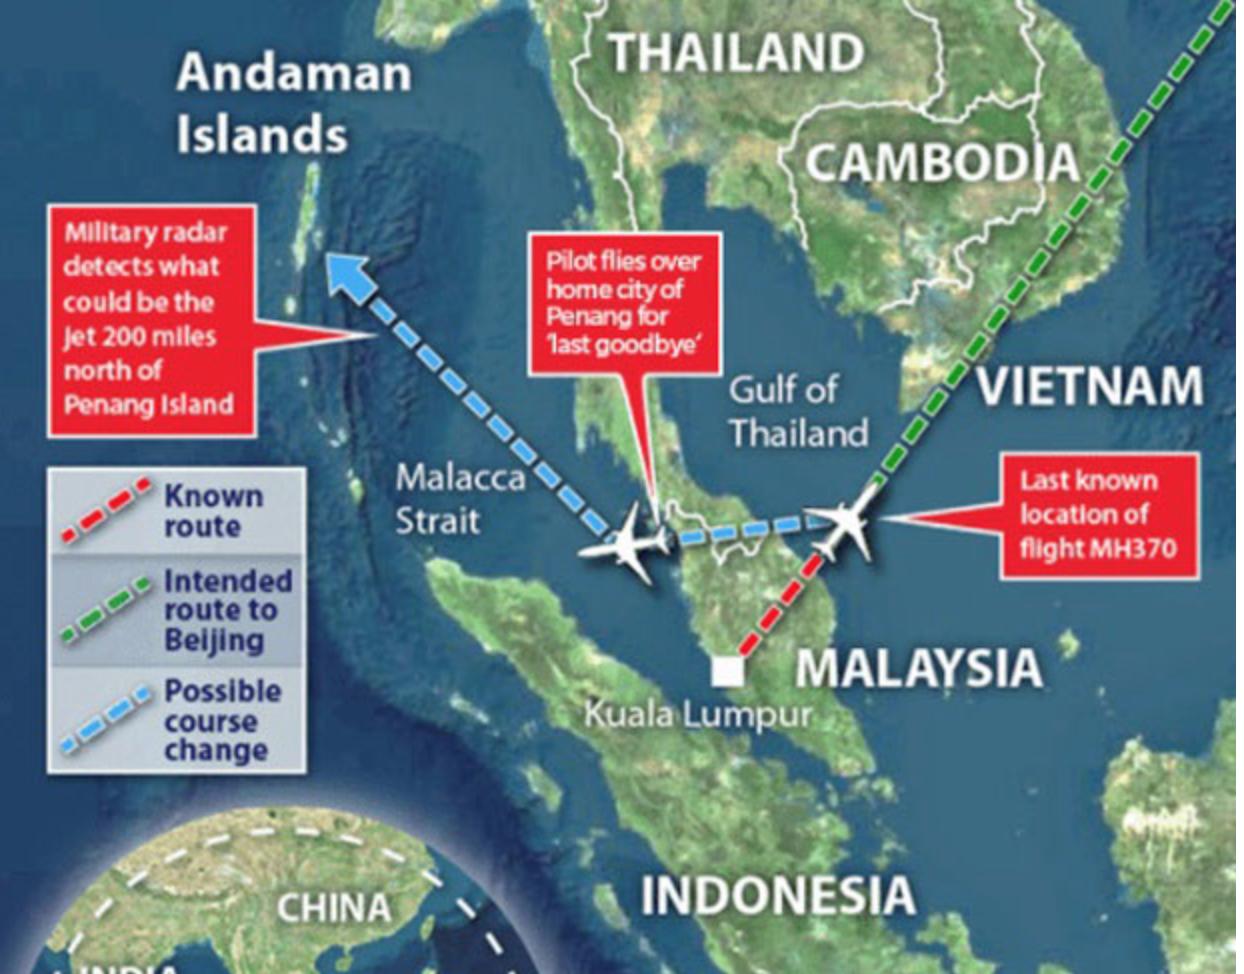 MISSING FLIGHT MH370!